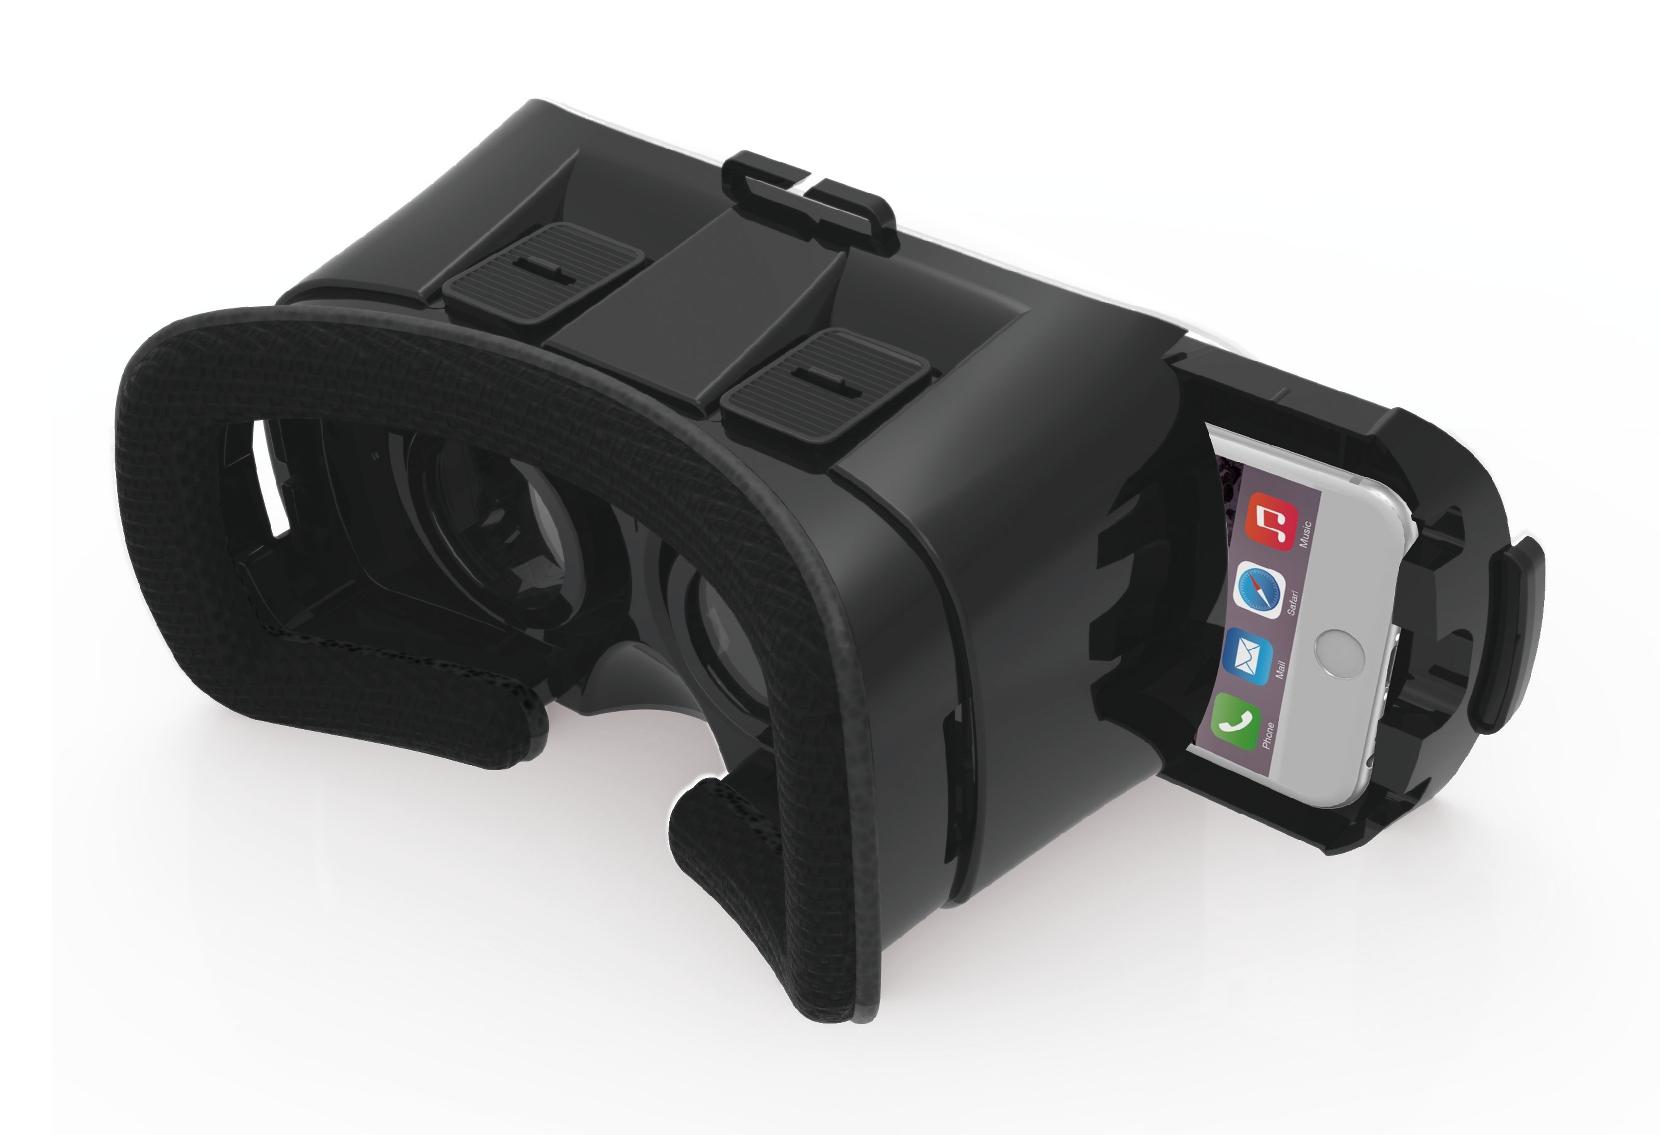 Terratec VR-1